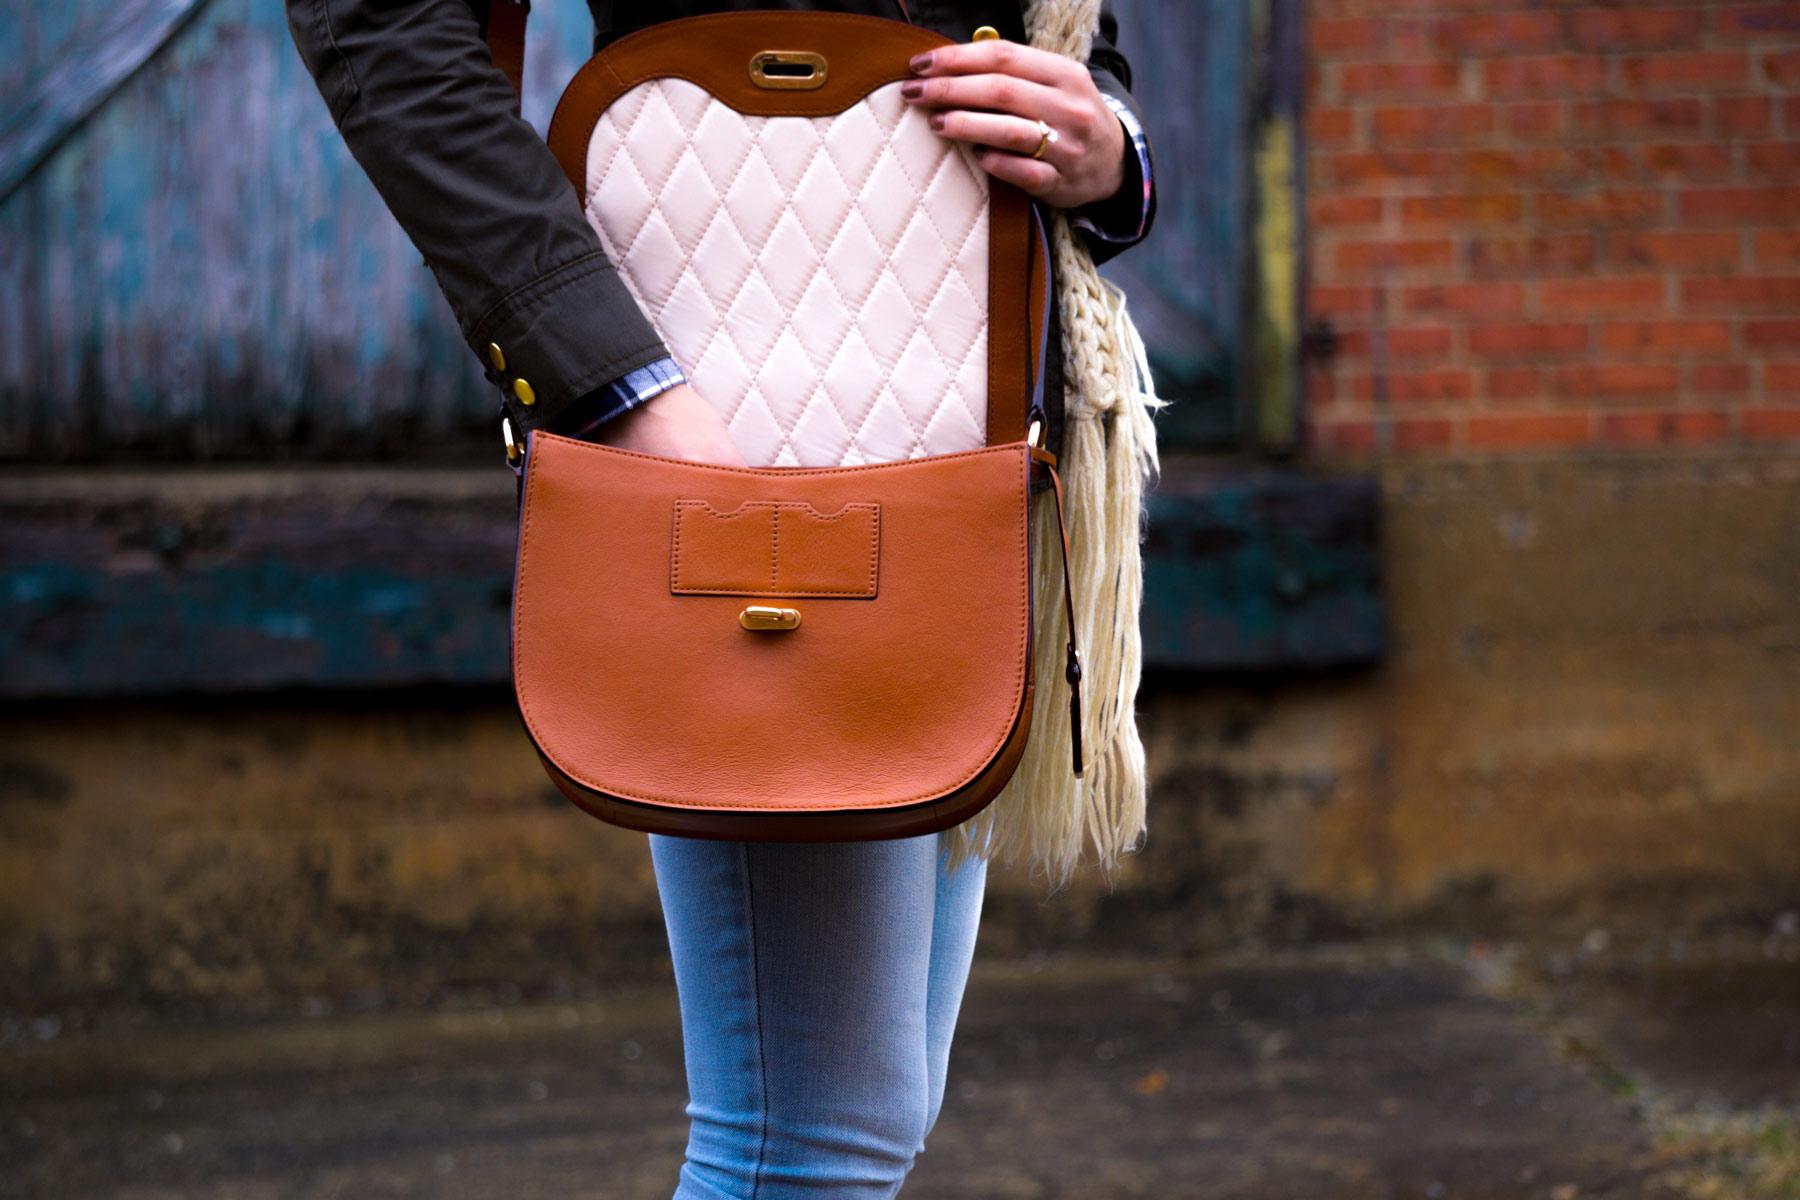 Sachen aus der Handtasche gehören auch in die Wickeltasche